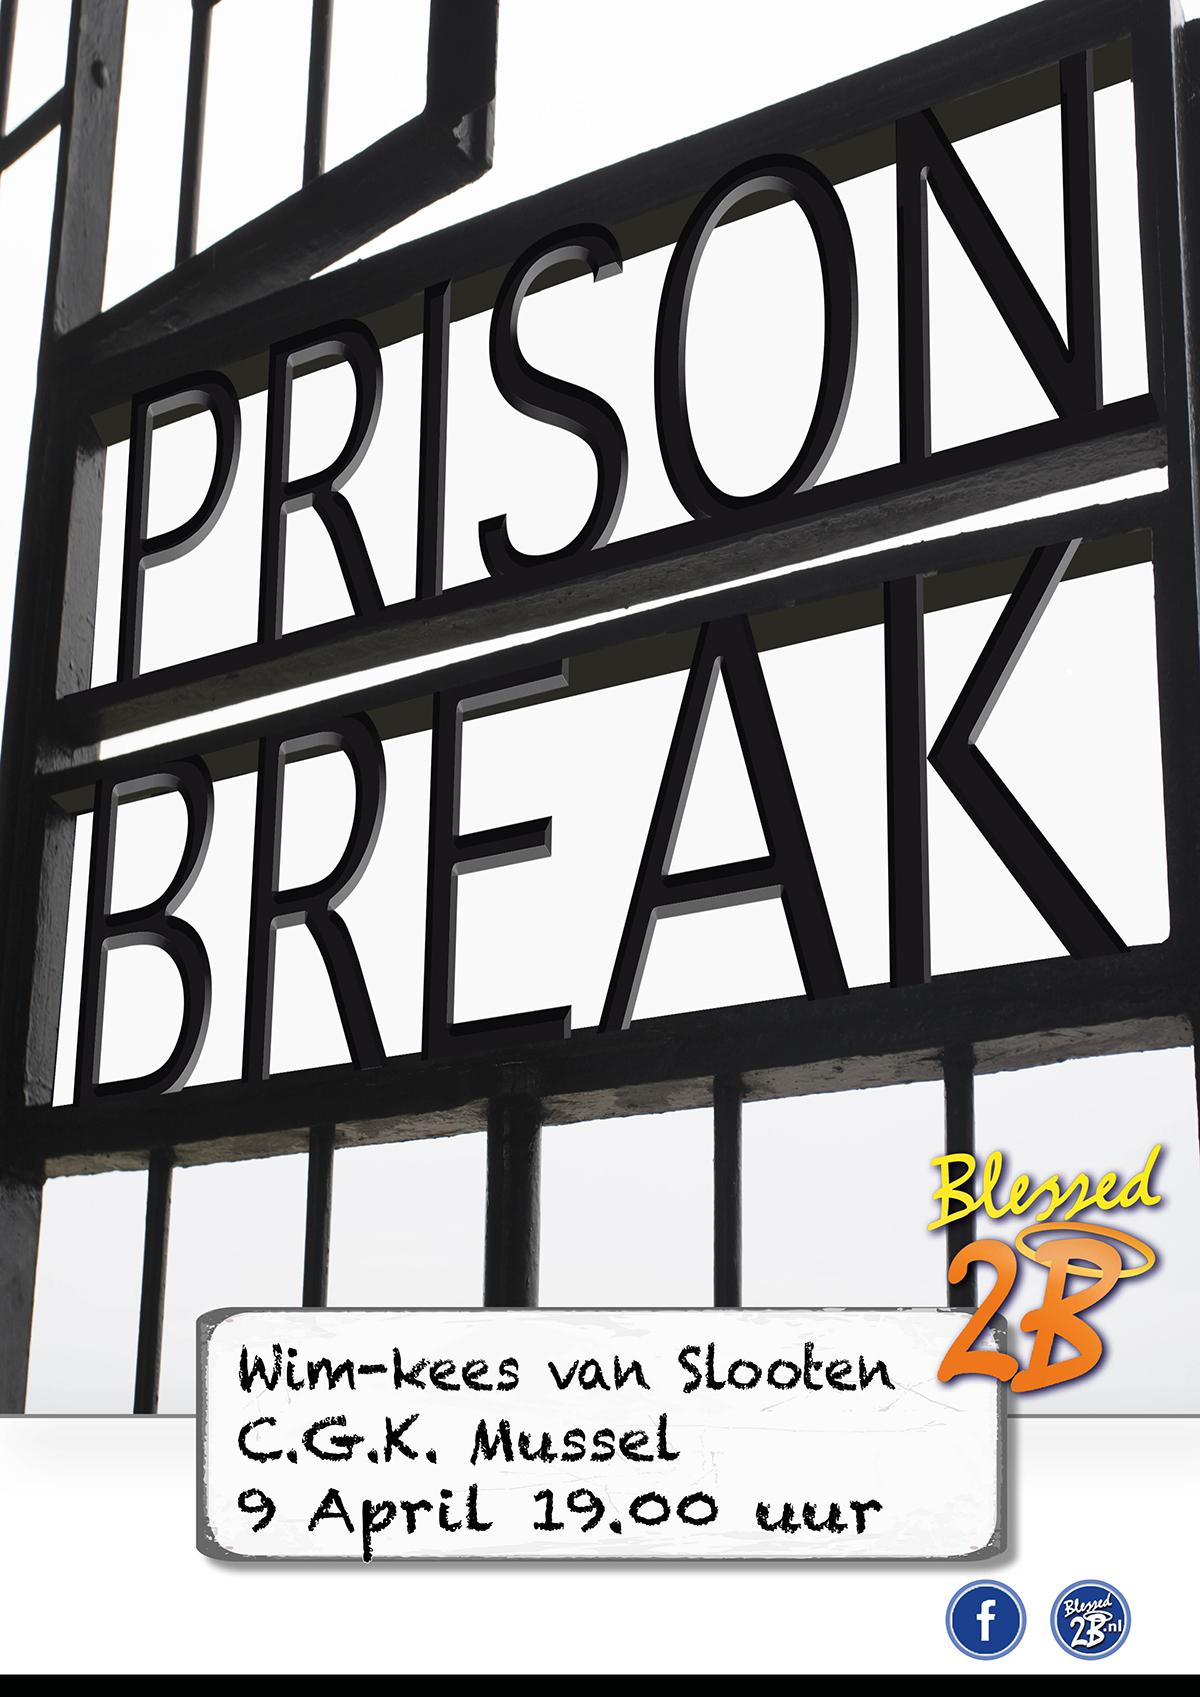 2017-04-09 PRISON BREAK 1200 b2b cgk mussel